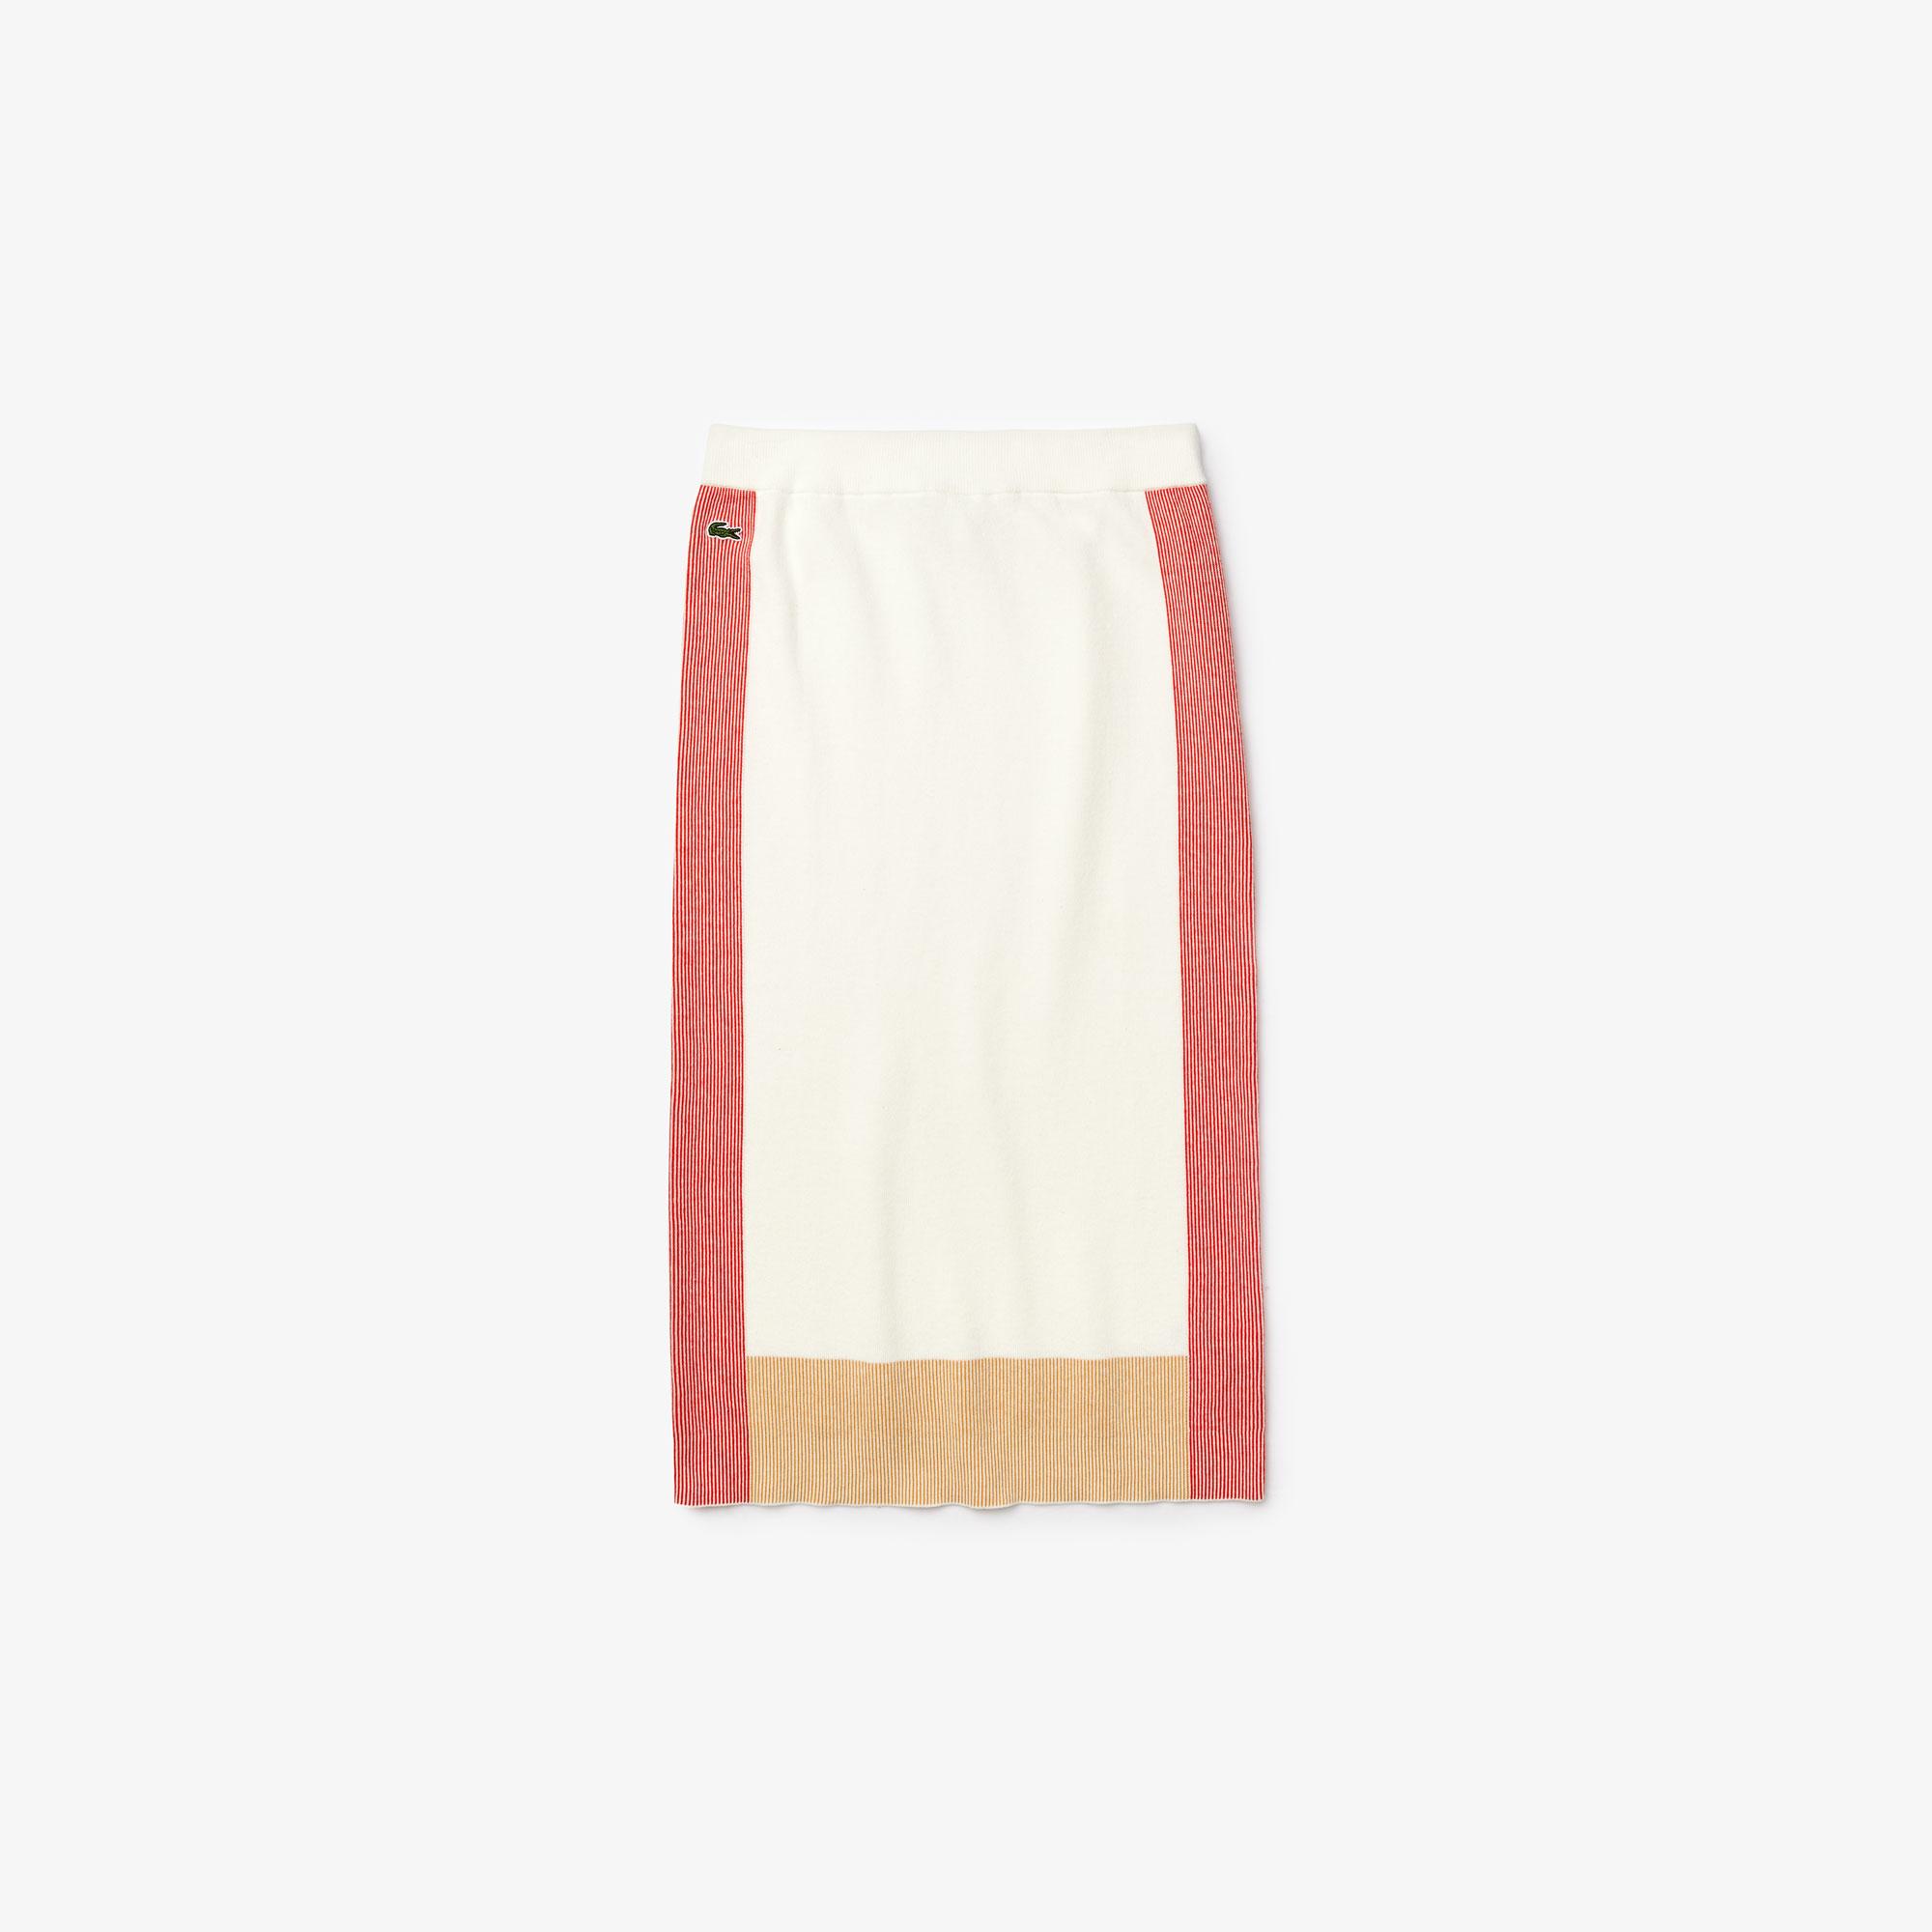 Lacoste Damska Ołówkowa Spódnica W Bloki Kolorystyczne